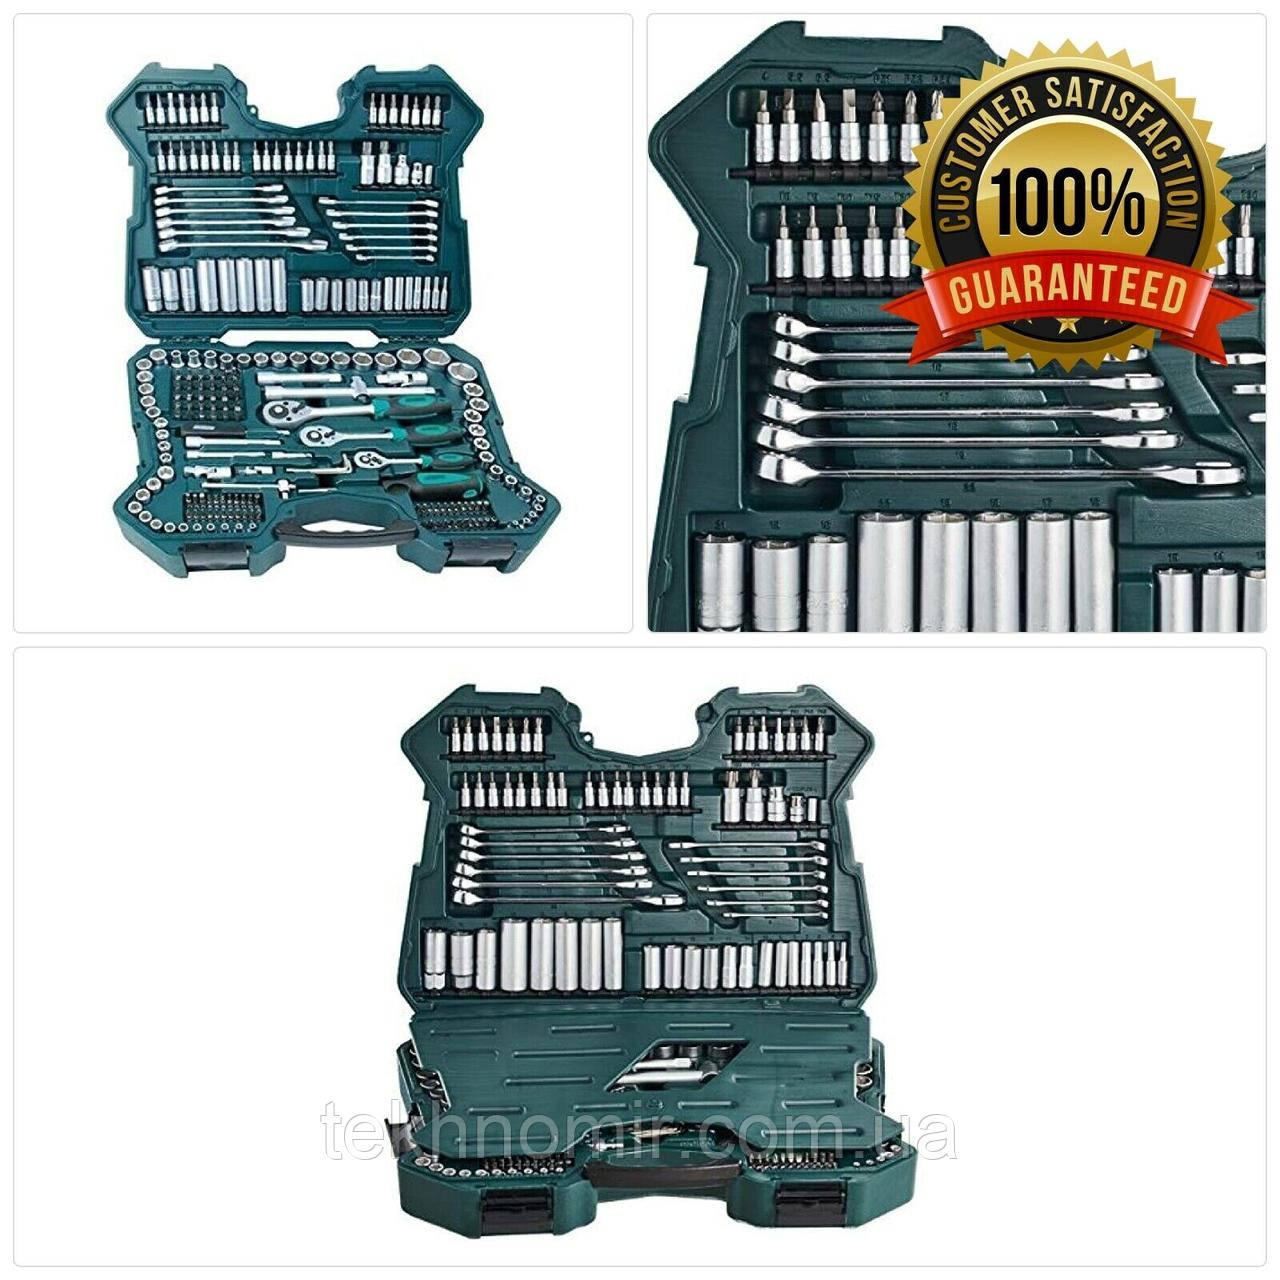 Професійний набір інструментів Mannesmann 215-tlg